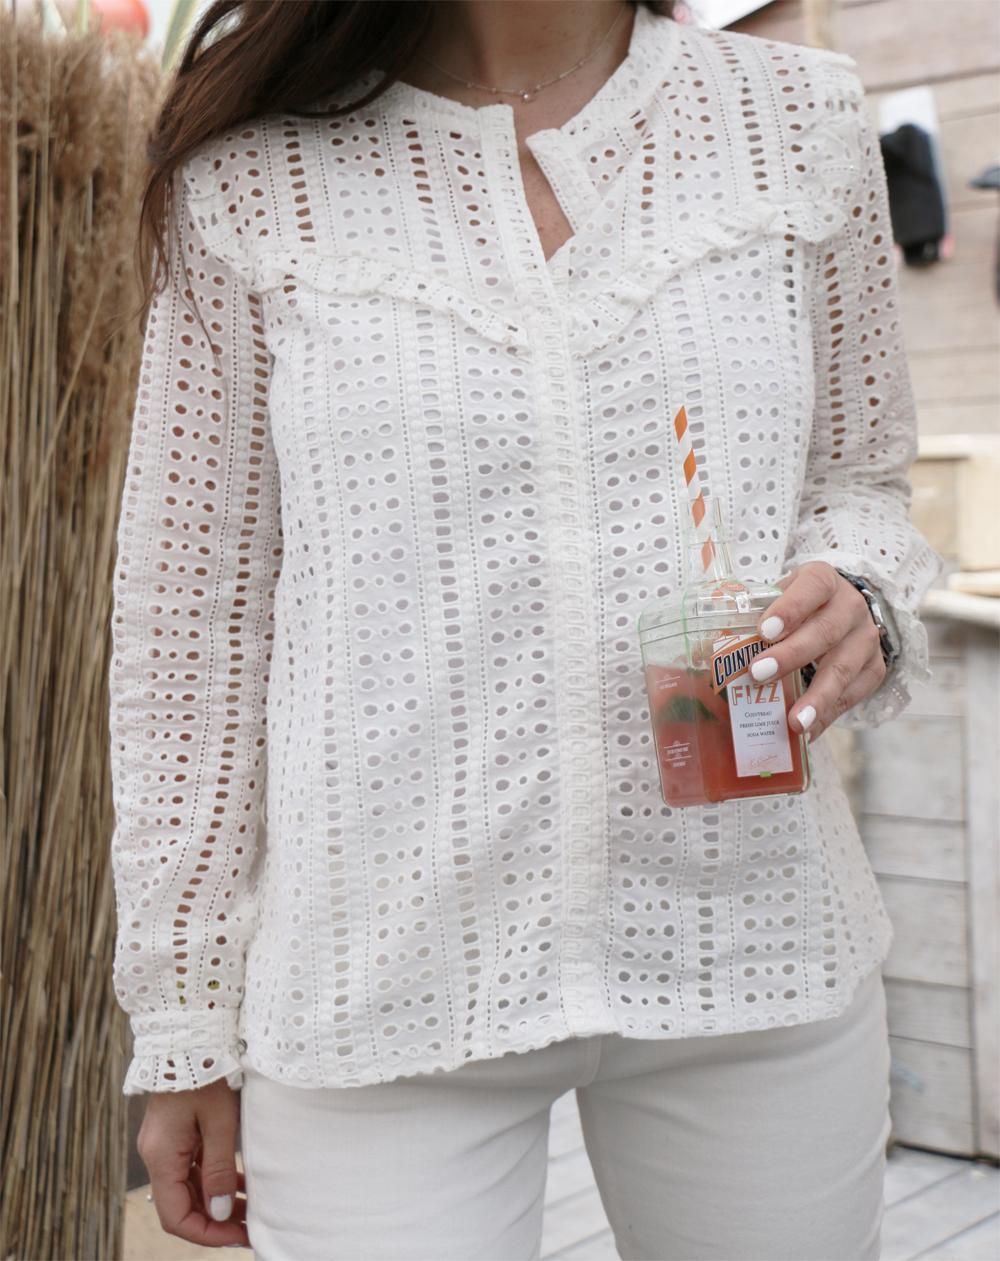 blouse-romy-oppulence-paris